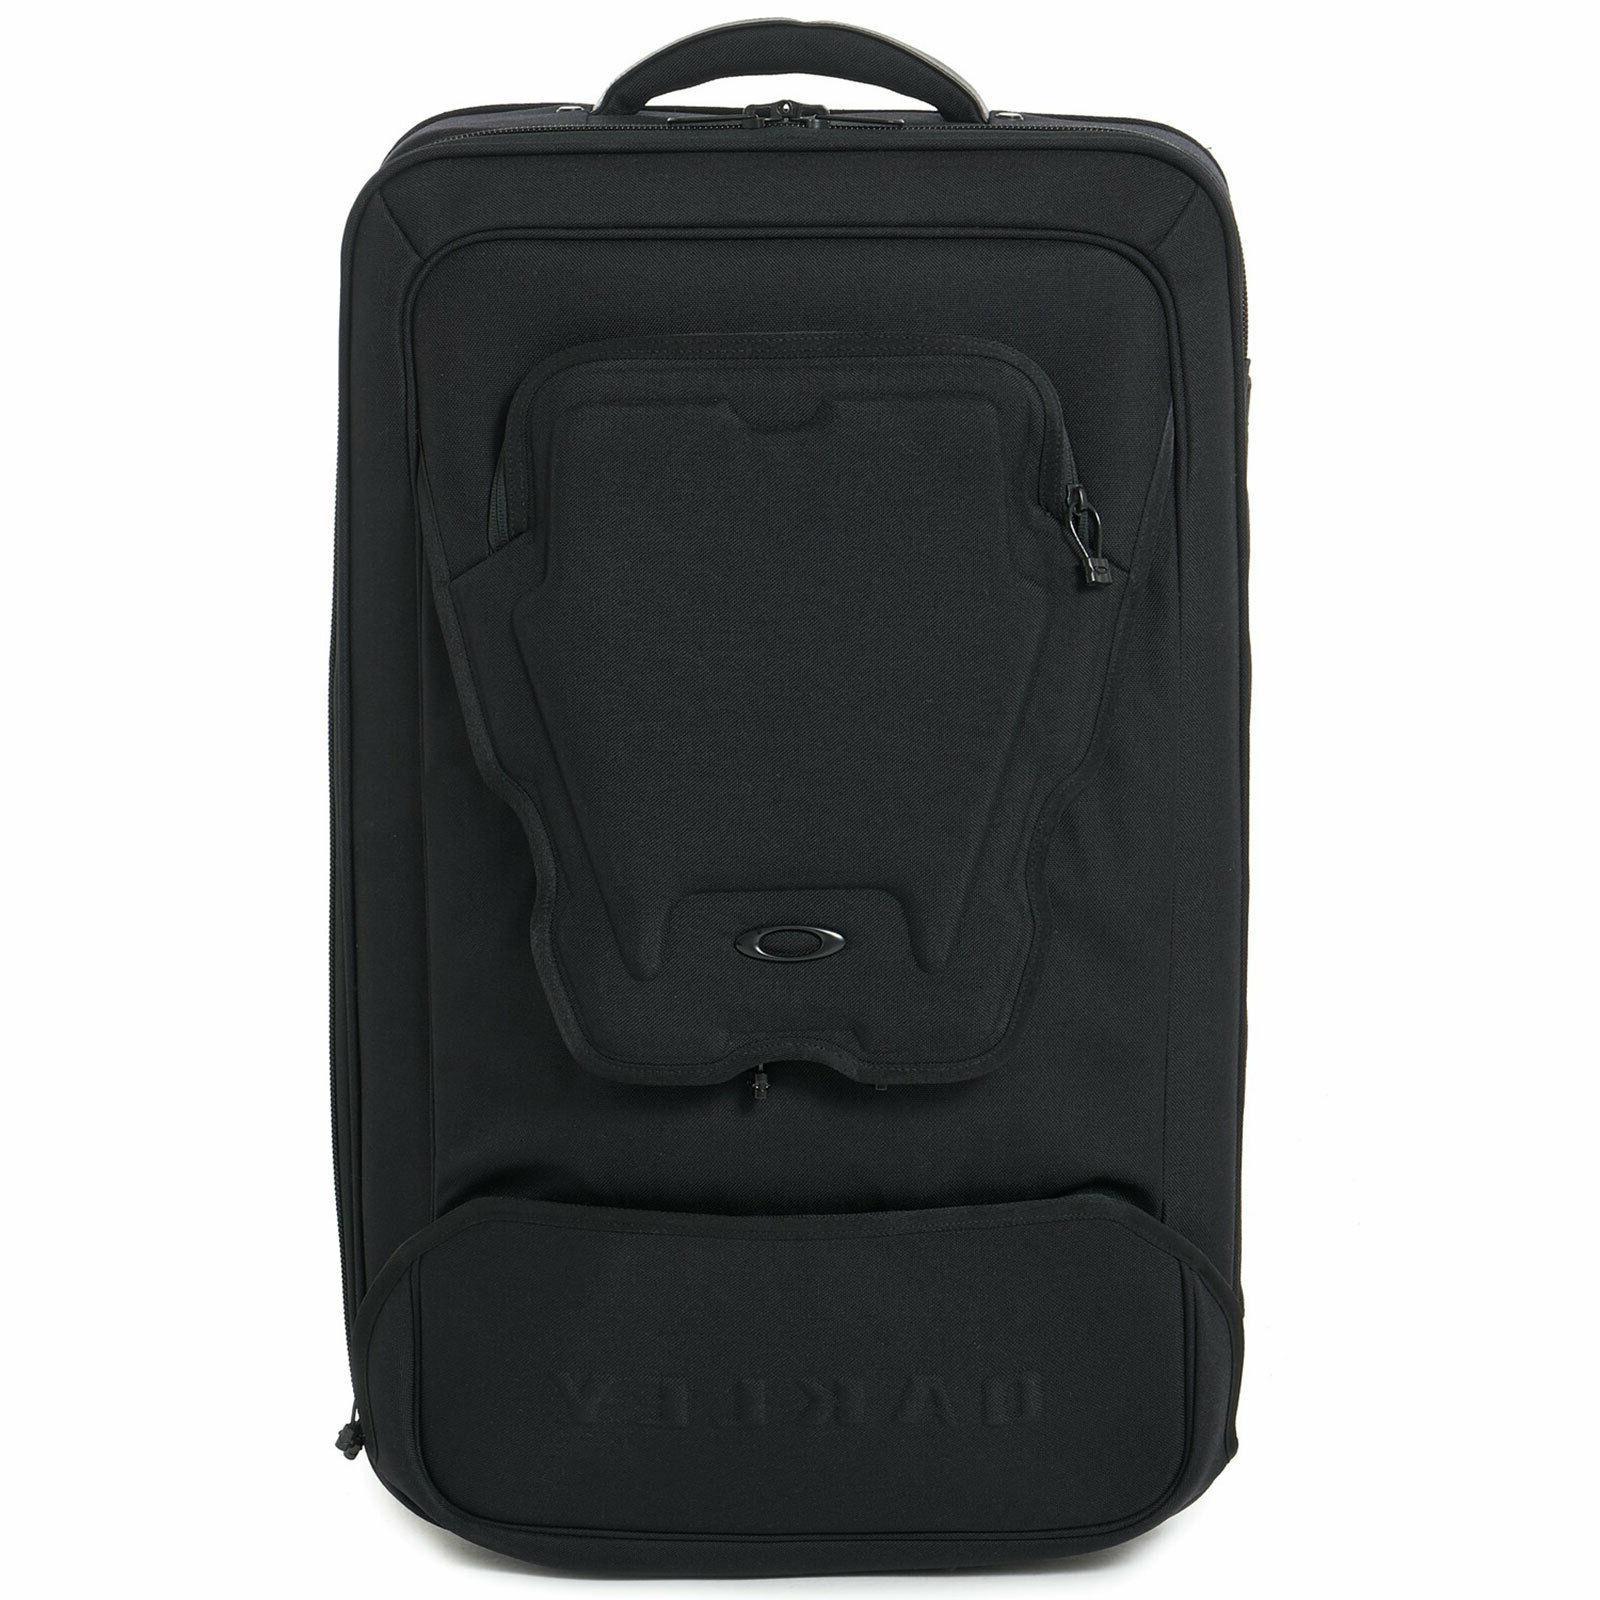 icon medium trolley case travel luggage trolley